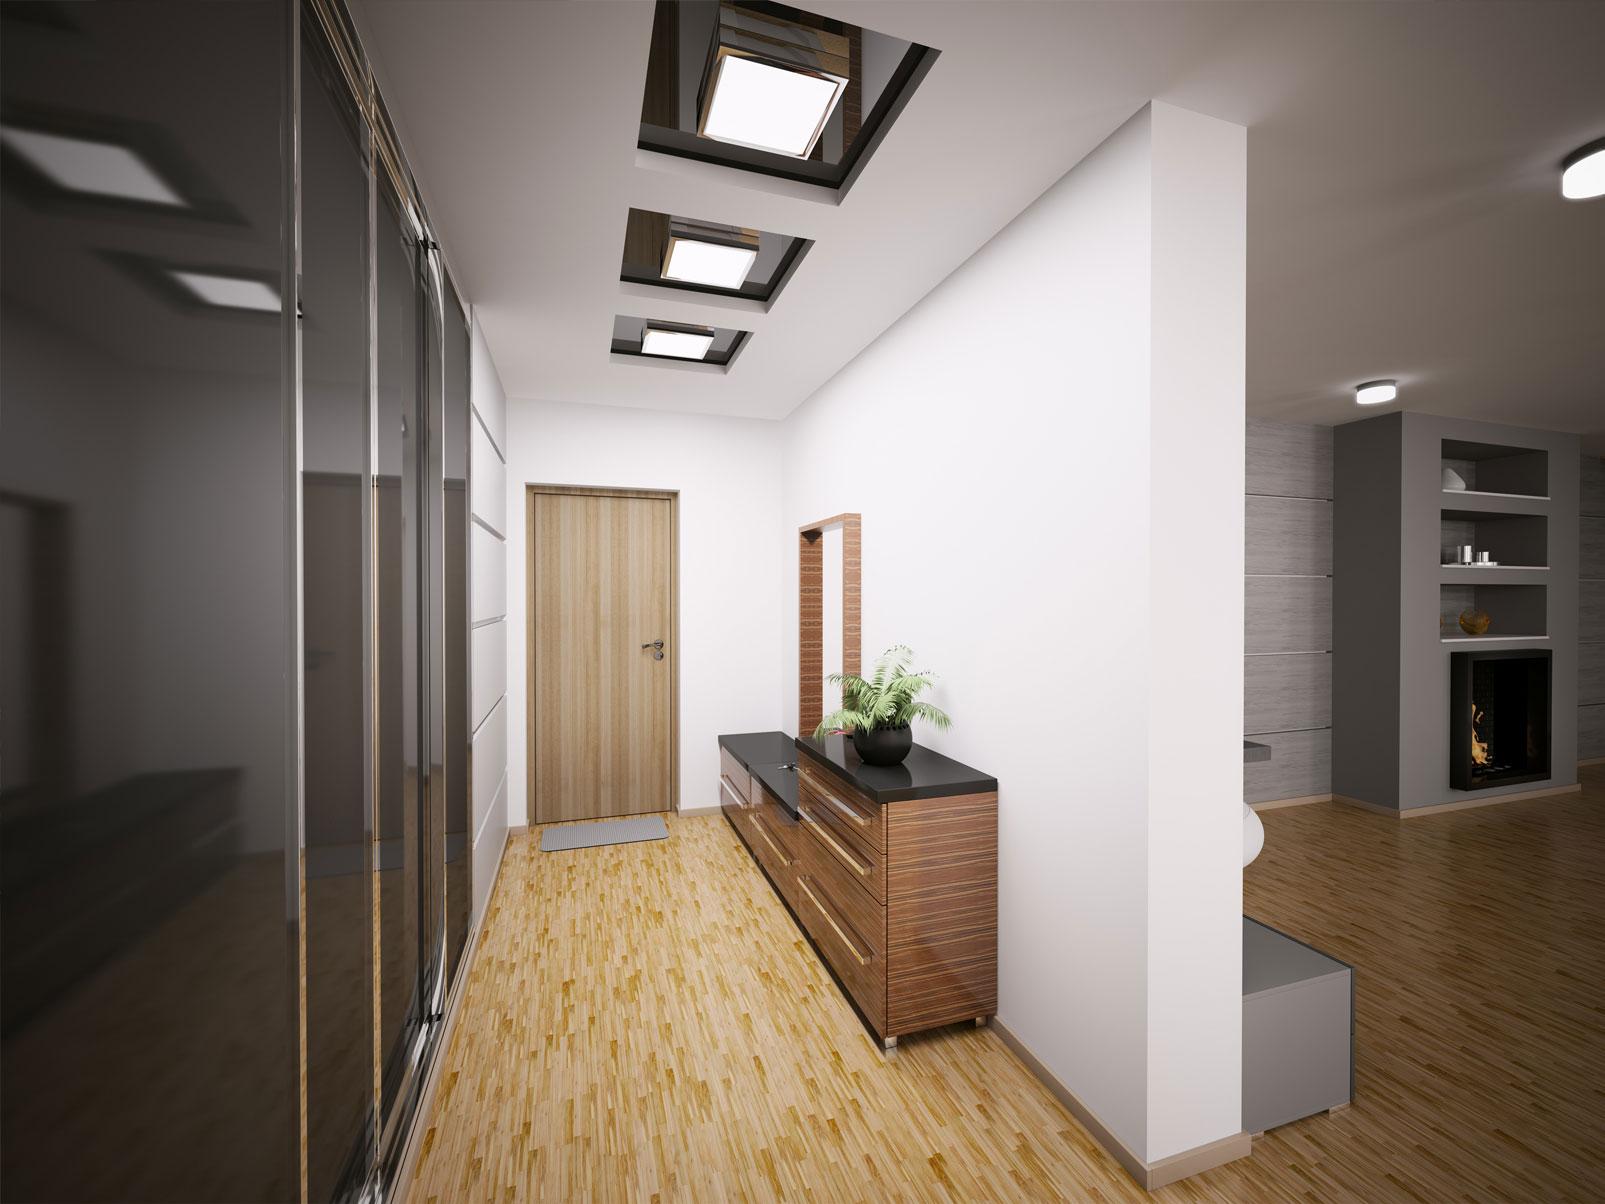 интересный стиль проходной с маленьким коридором